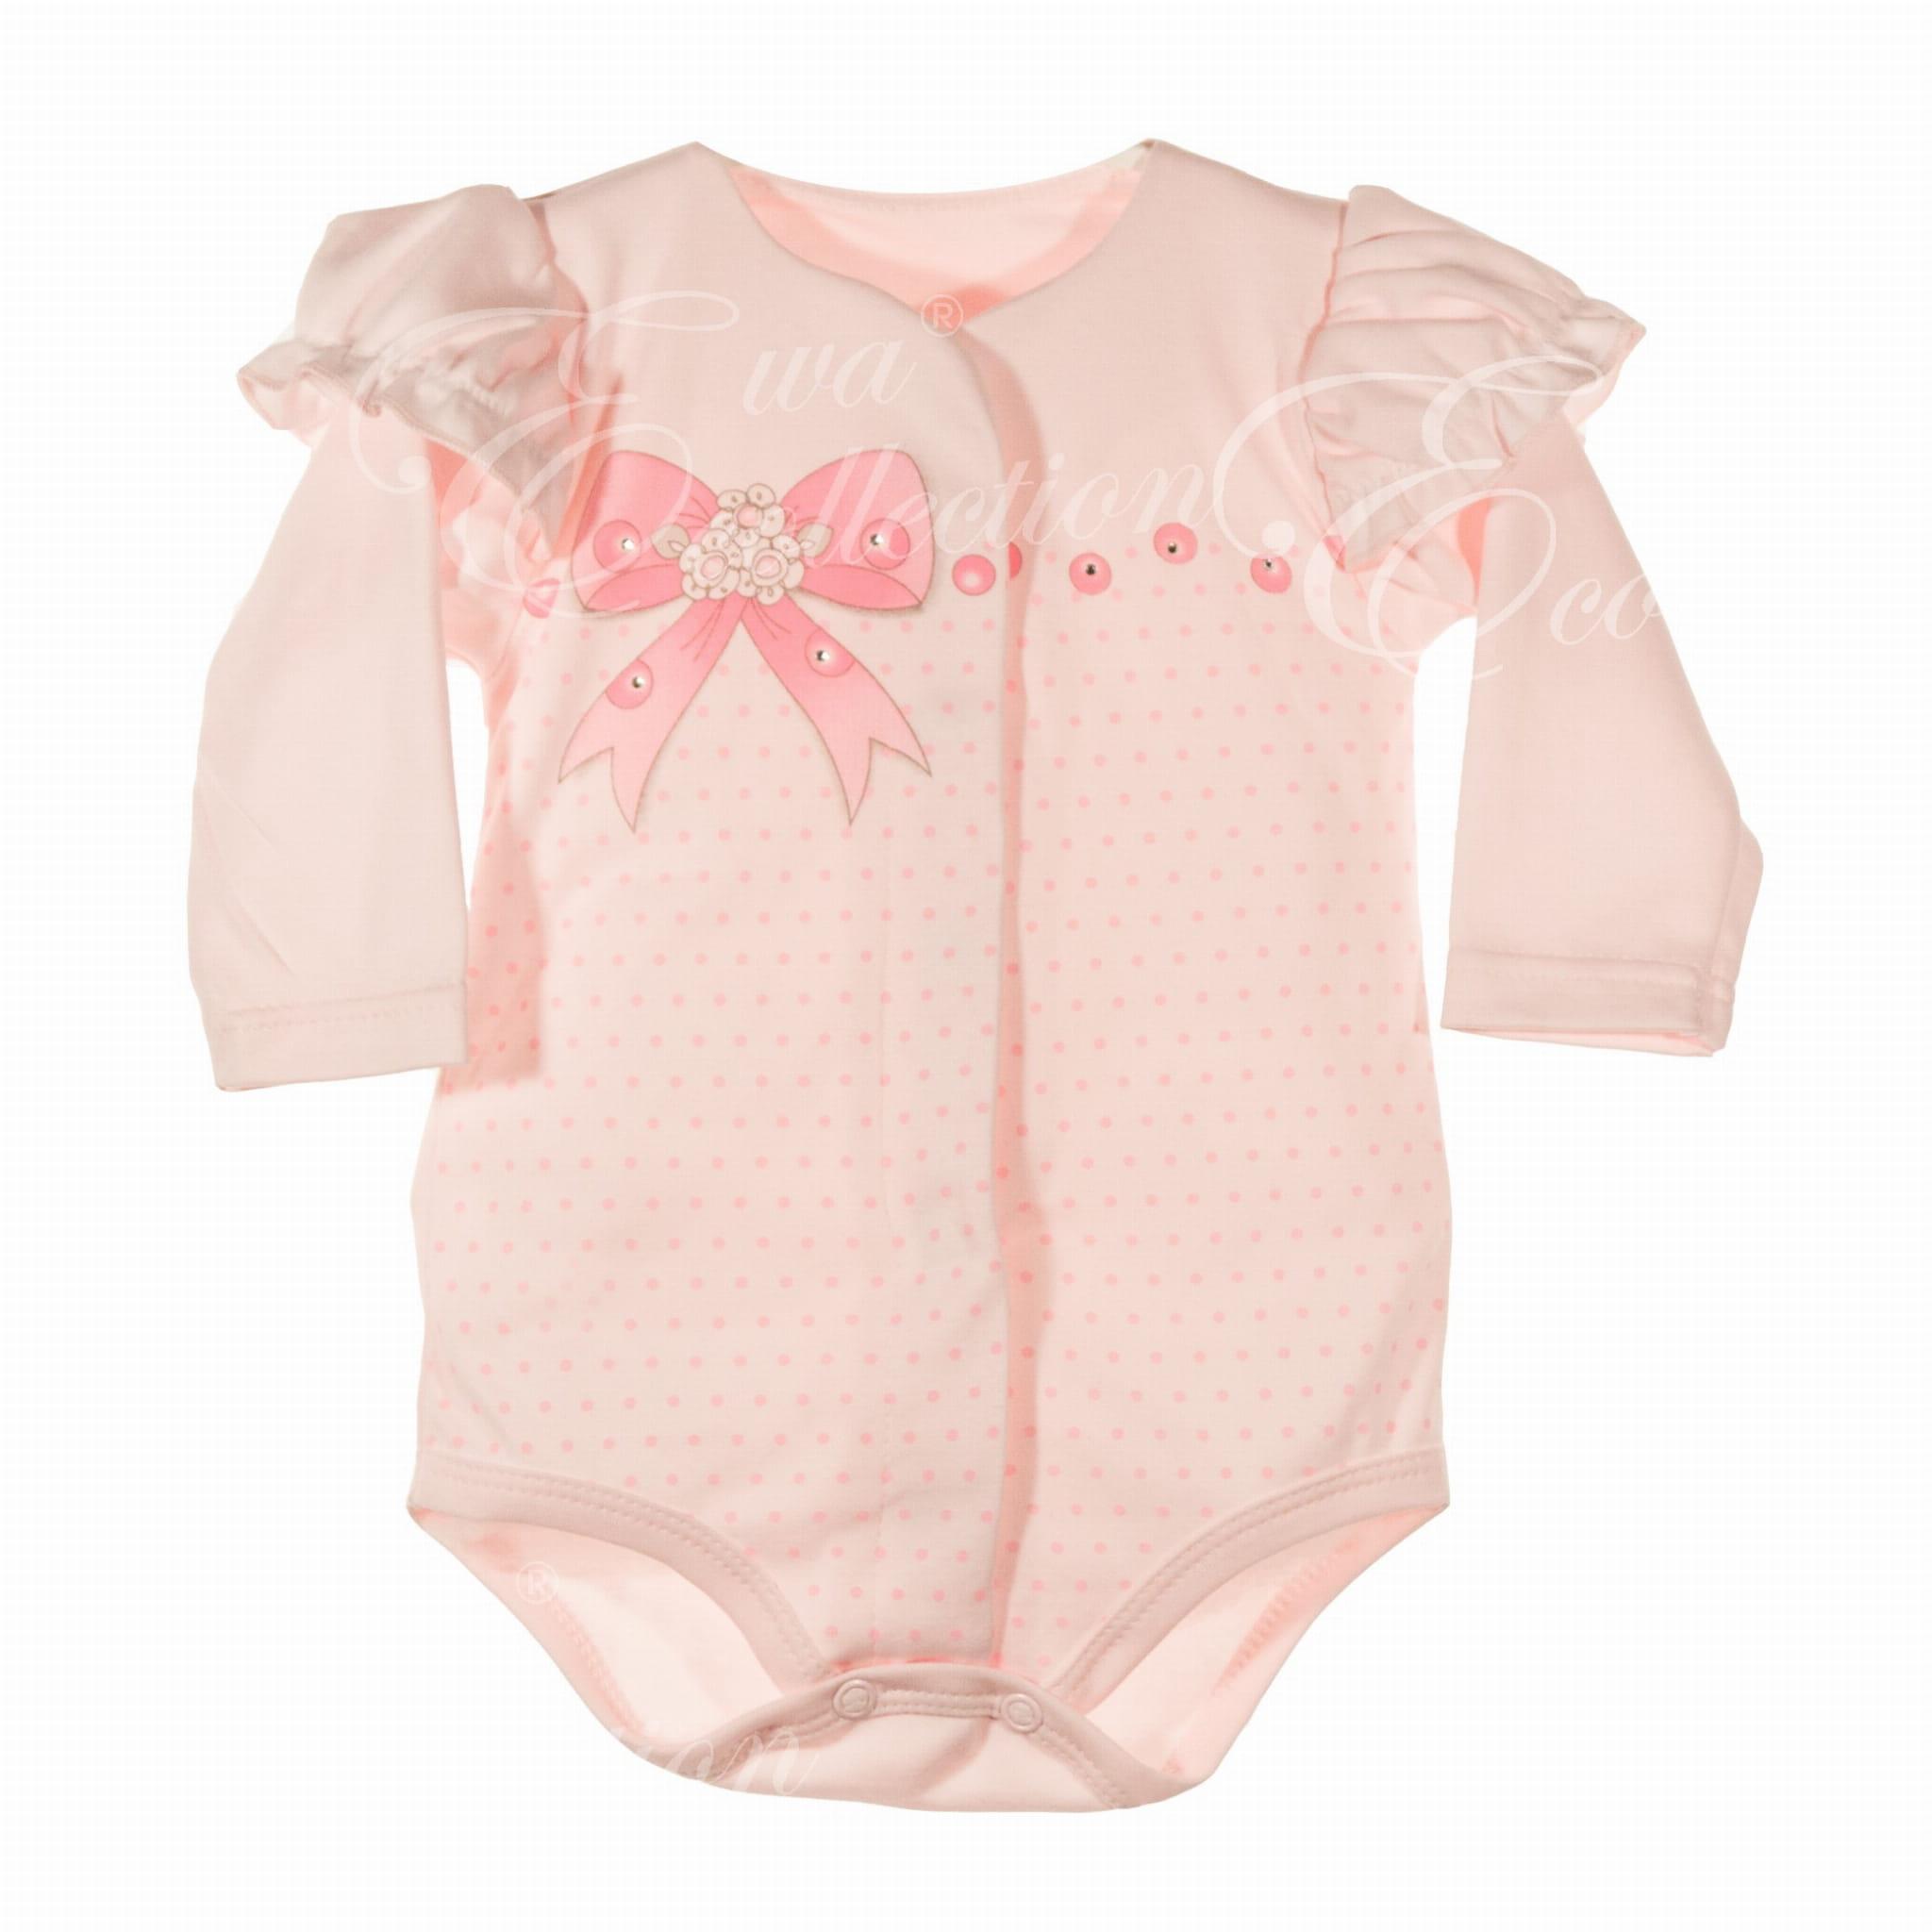 a714bd4d0da7b6 Body rozpinane LOLA róż New York Style - odzież niemowlęca, wyprawki ...